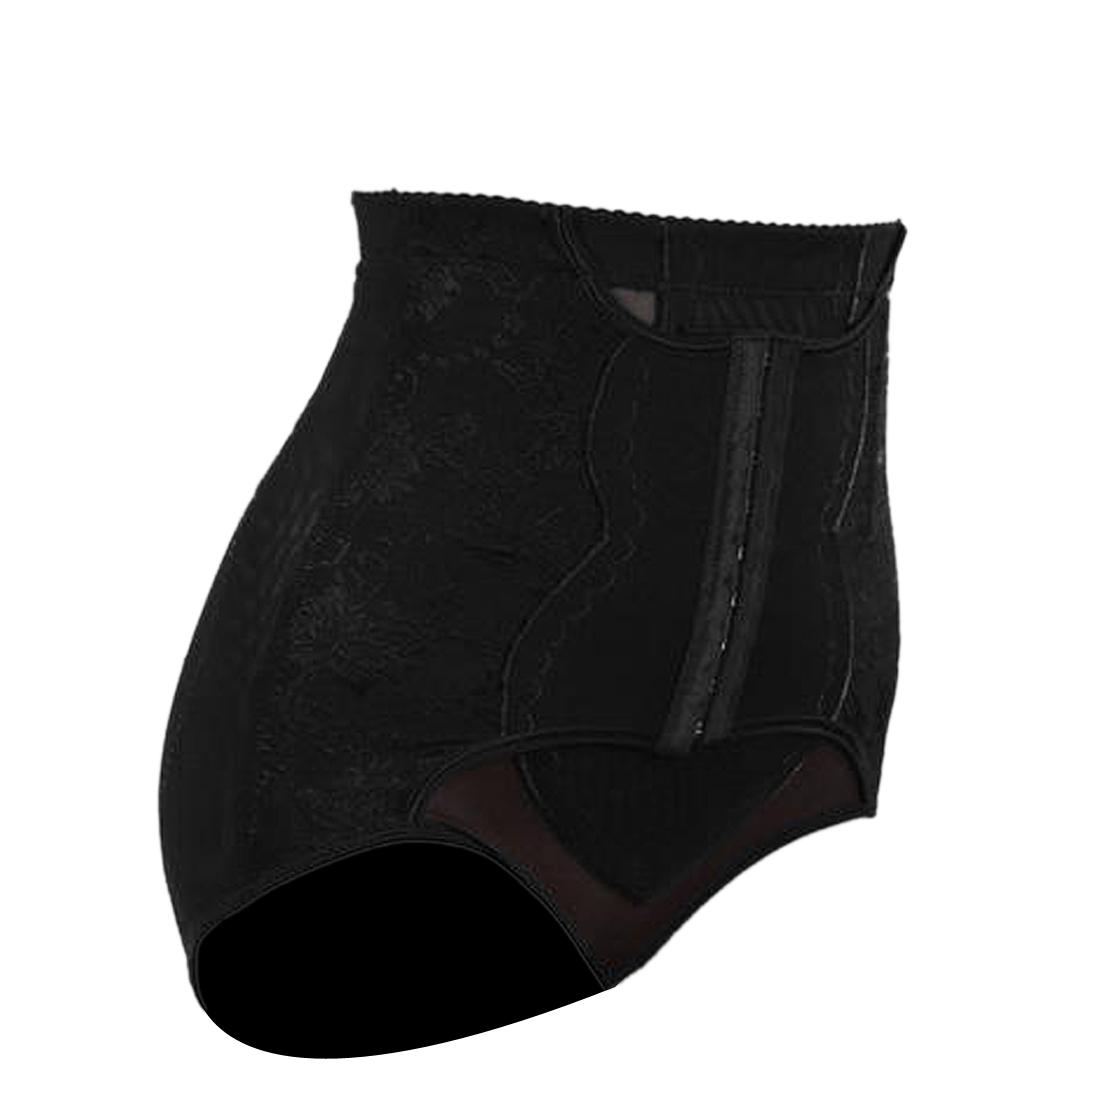 Women Black Size XXL High Waist Body Shaper Belly Control Shaping Shapewear Panty Underwear